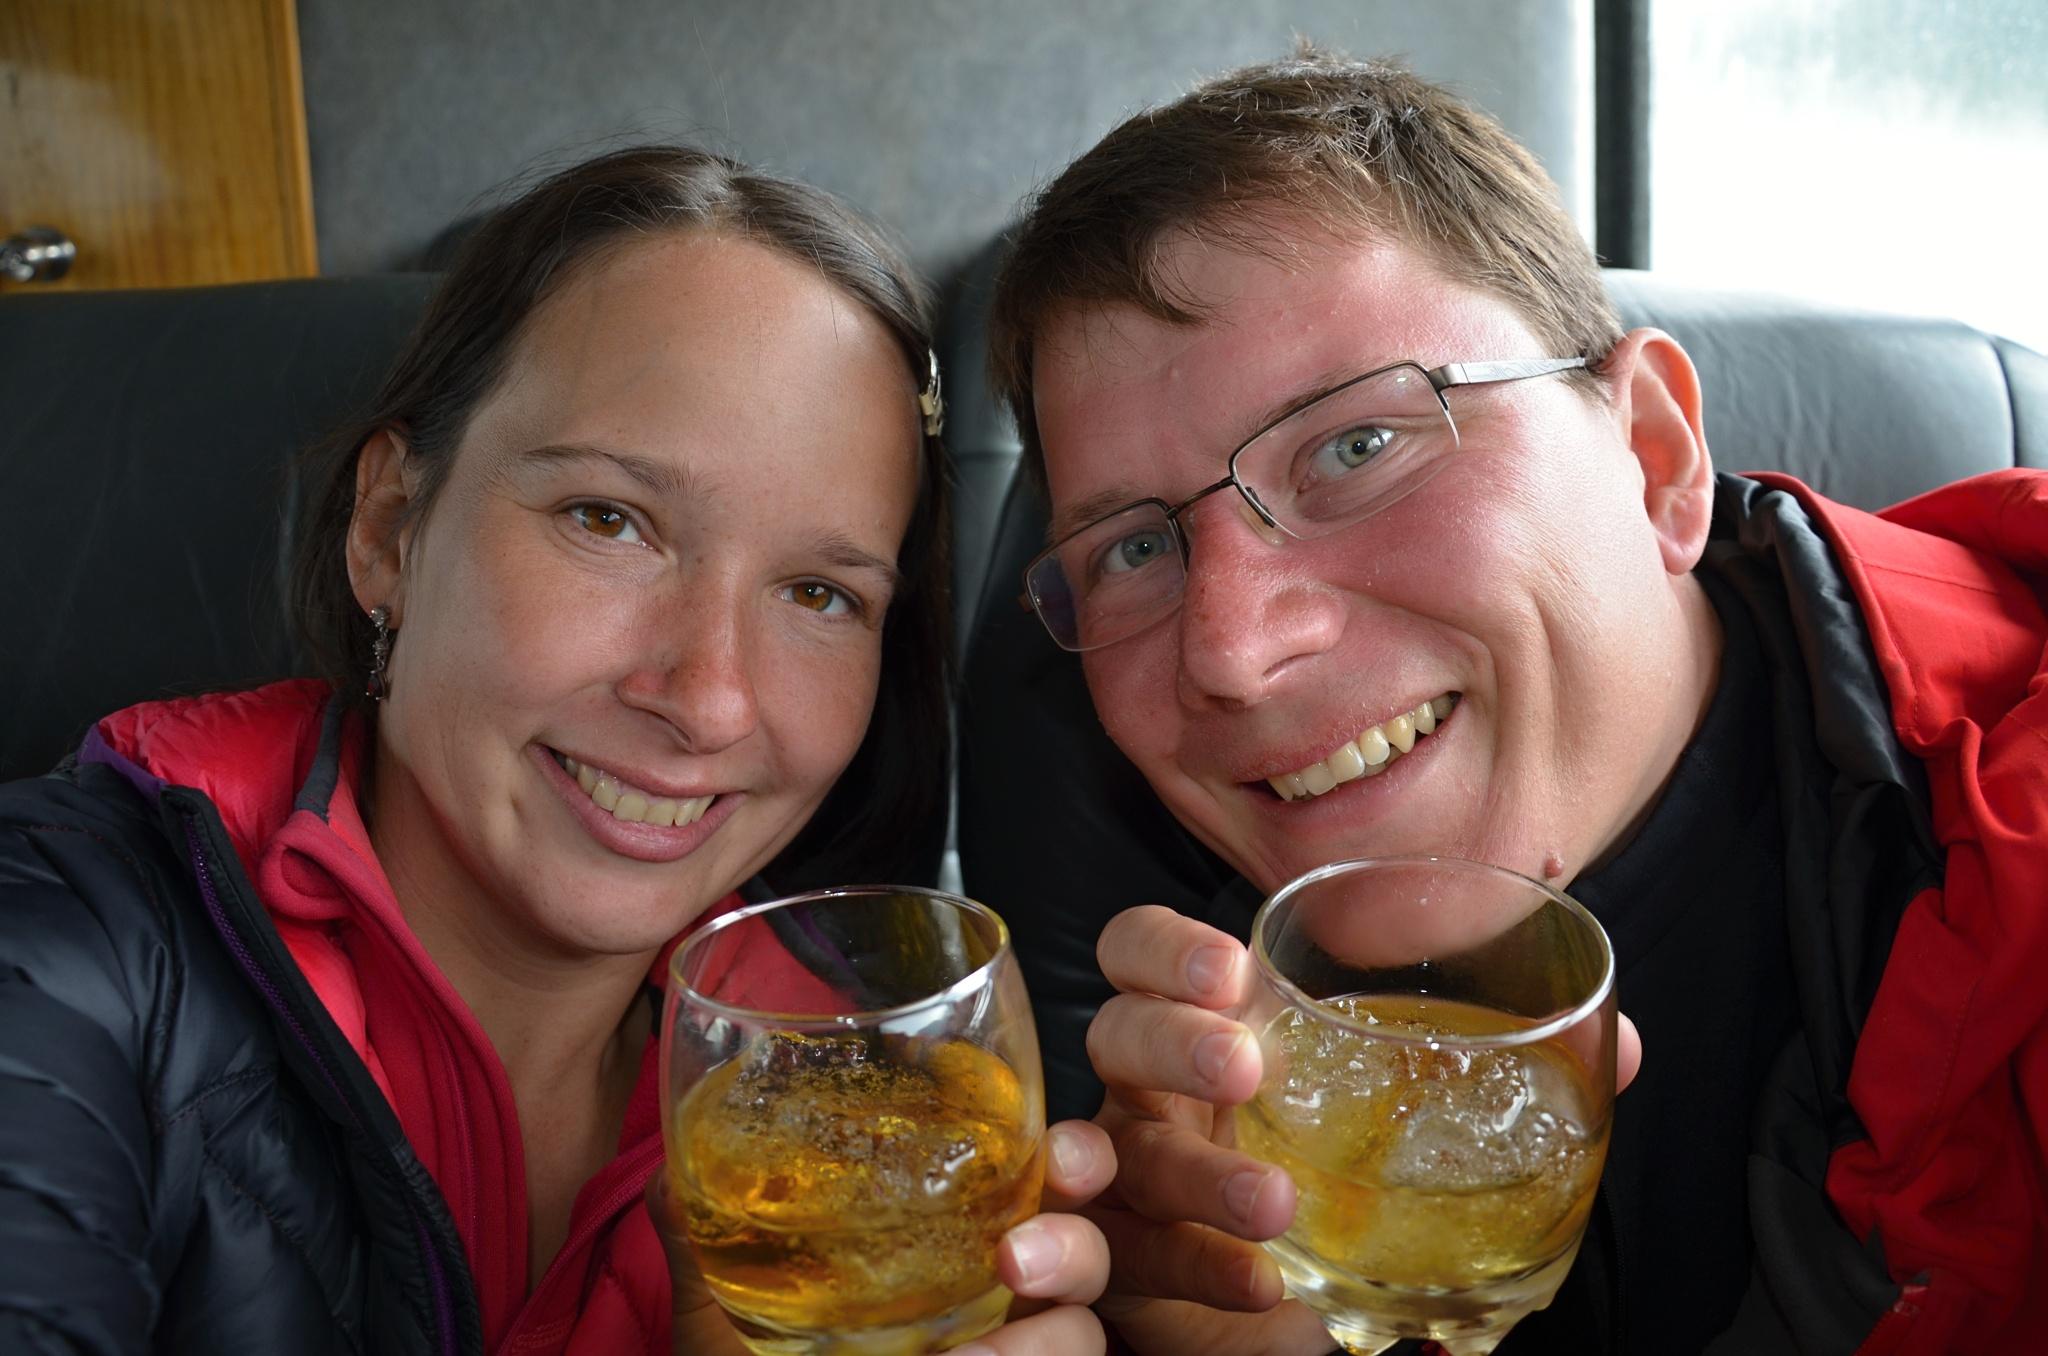 Připíjíme si skleničkou whiskey ochlazenou ledem z ledovce